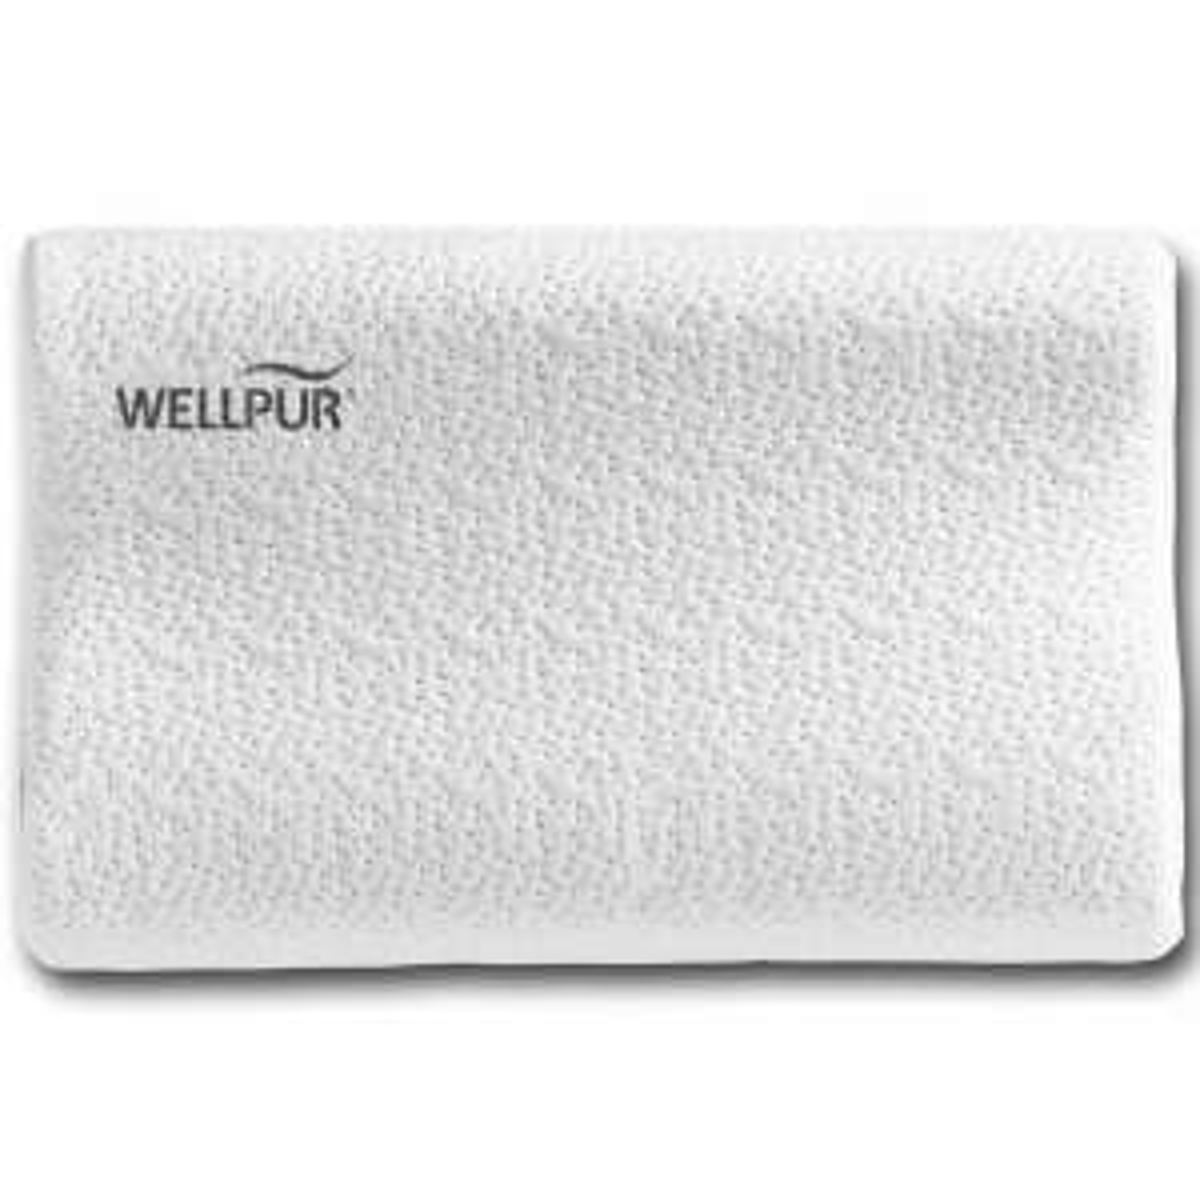 Wellpur Nackenstützkissen (47x30cm, 60% Polyester & 40% Viskose, Bezug waschbar bis 40°C)